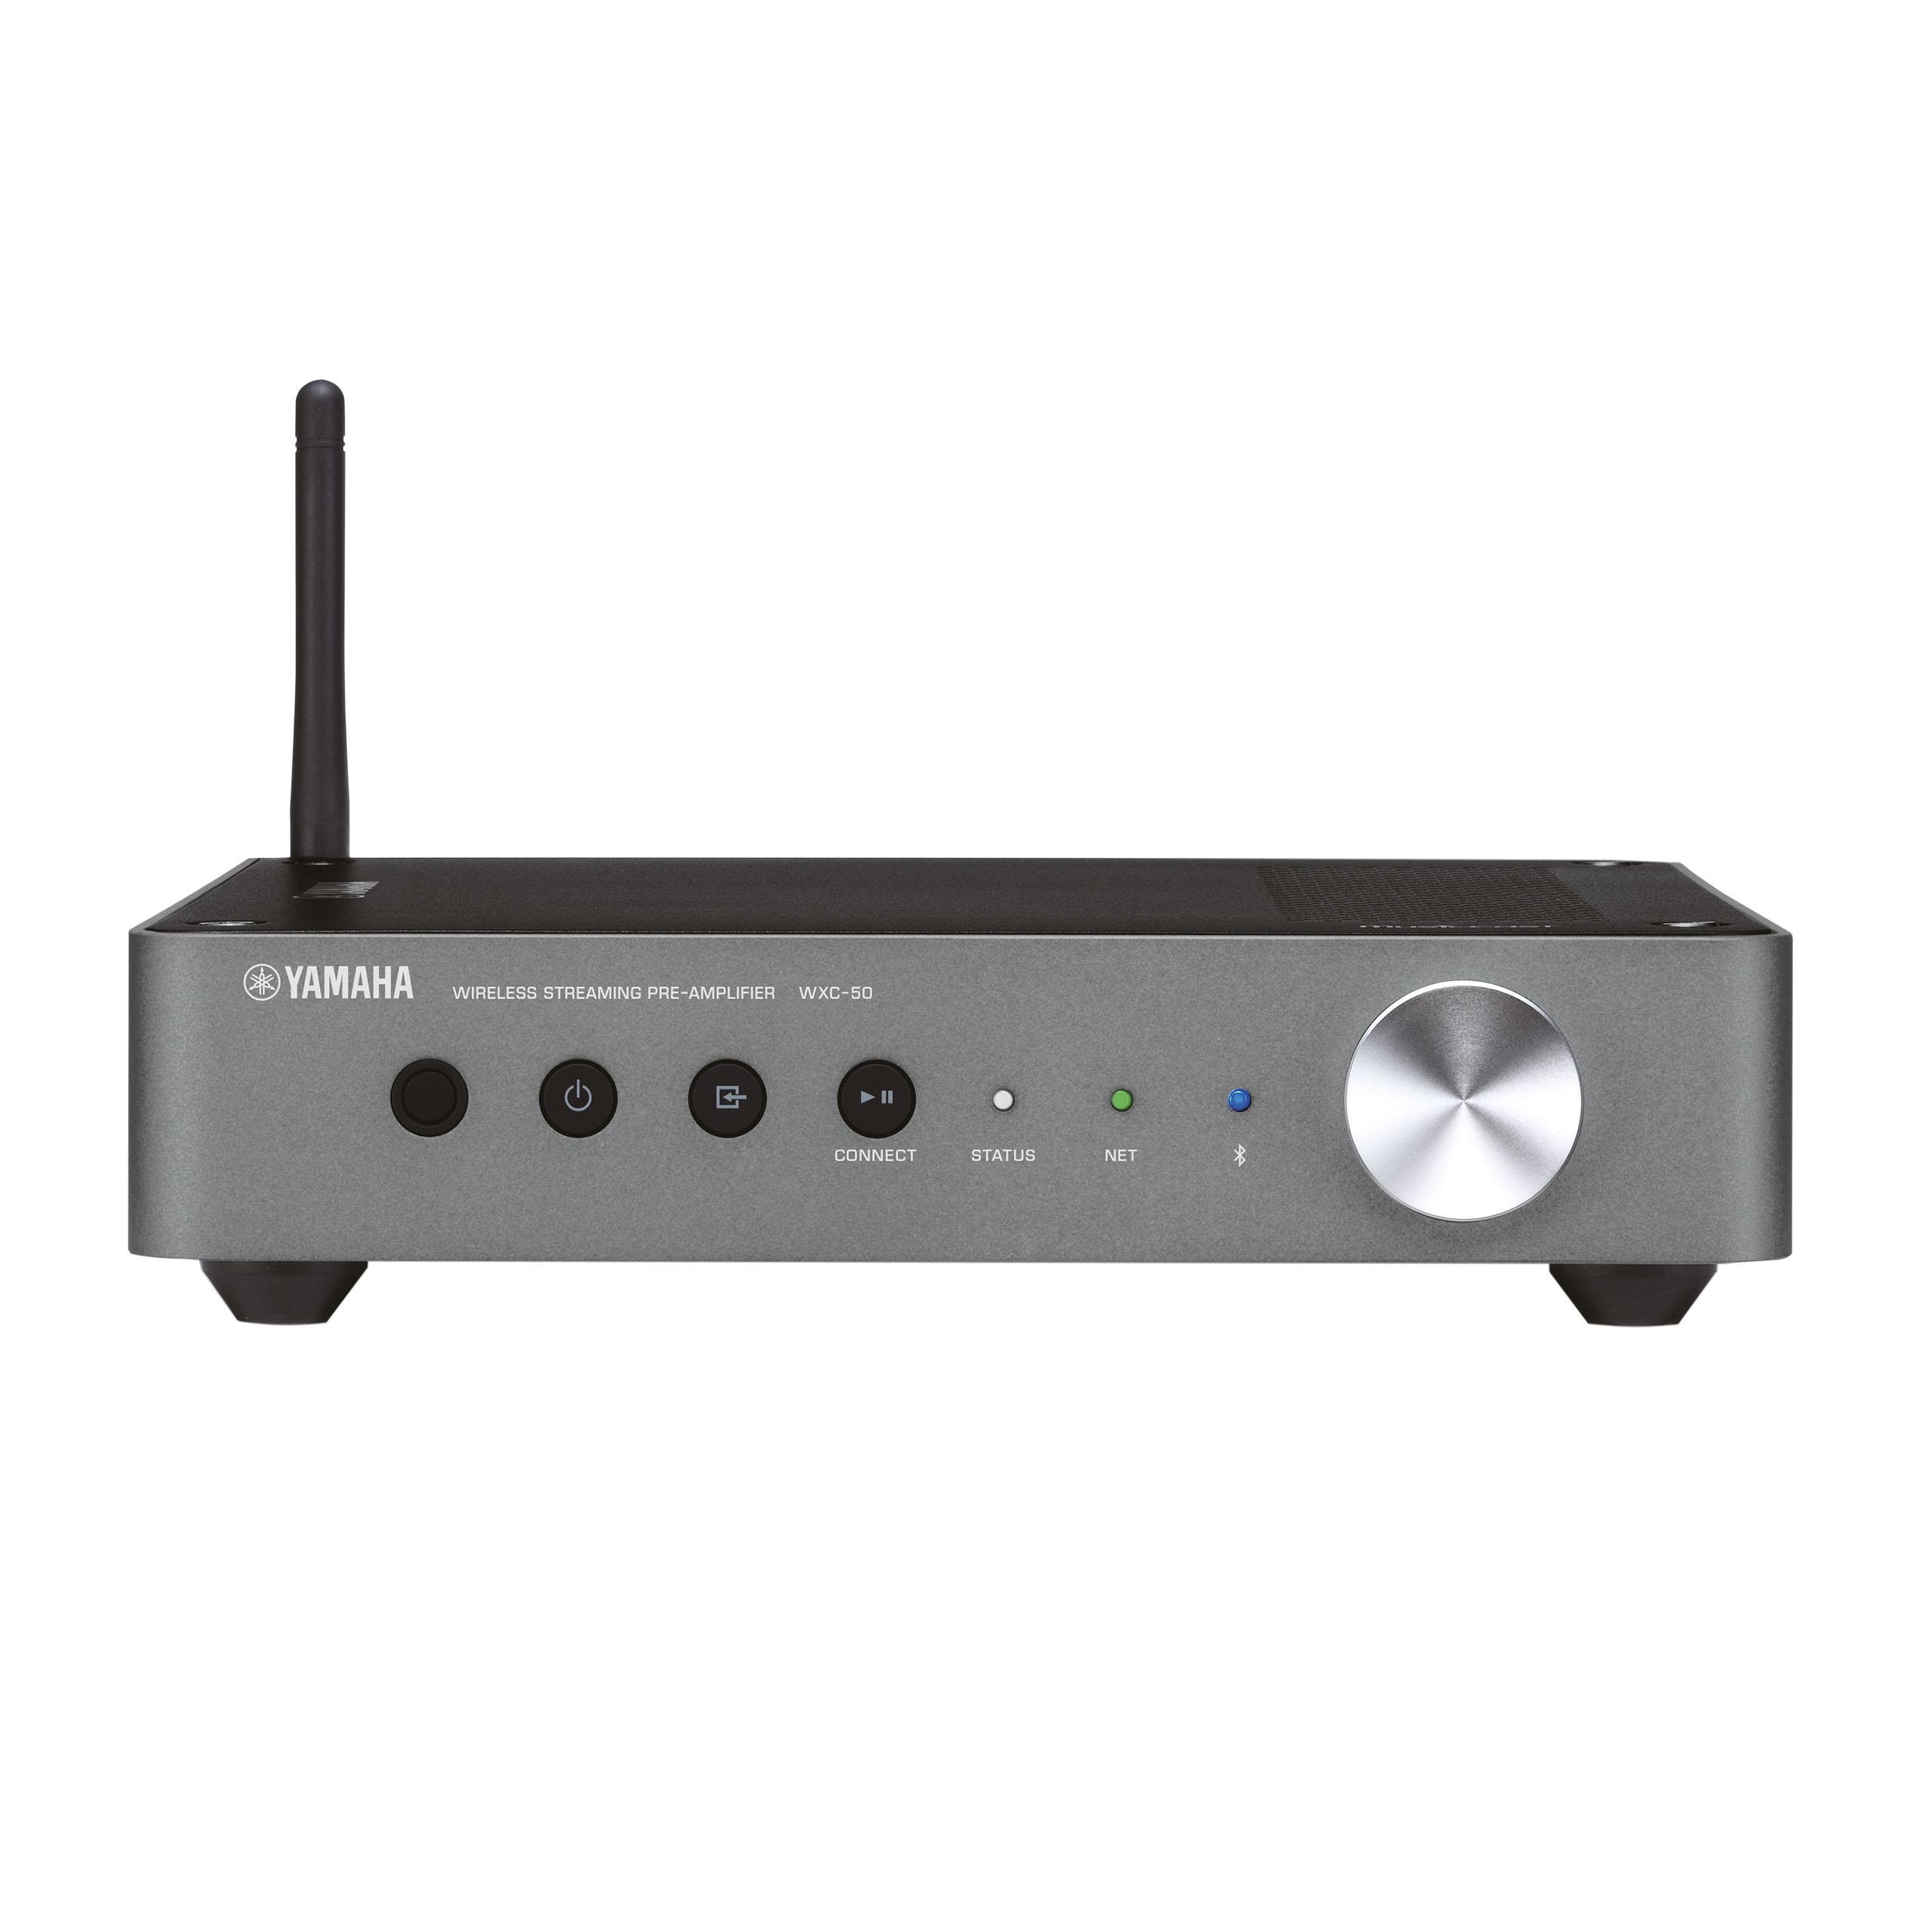 Yamaha WXC-50 Стример Spotify Musiccast Net Radio купить в